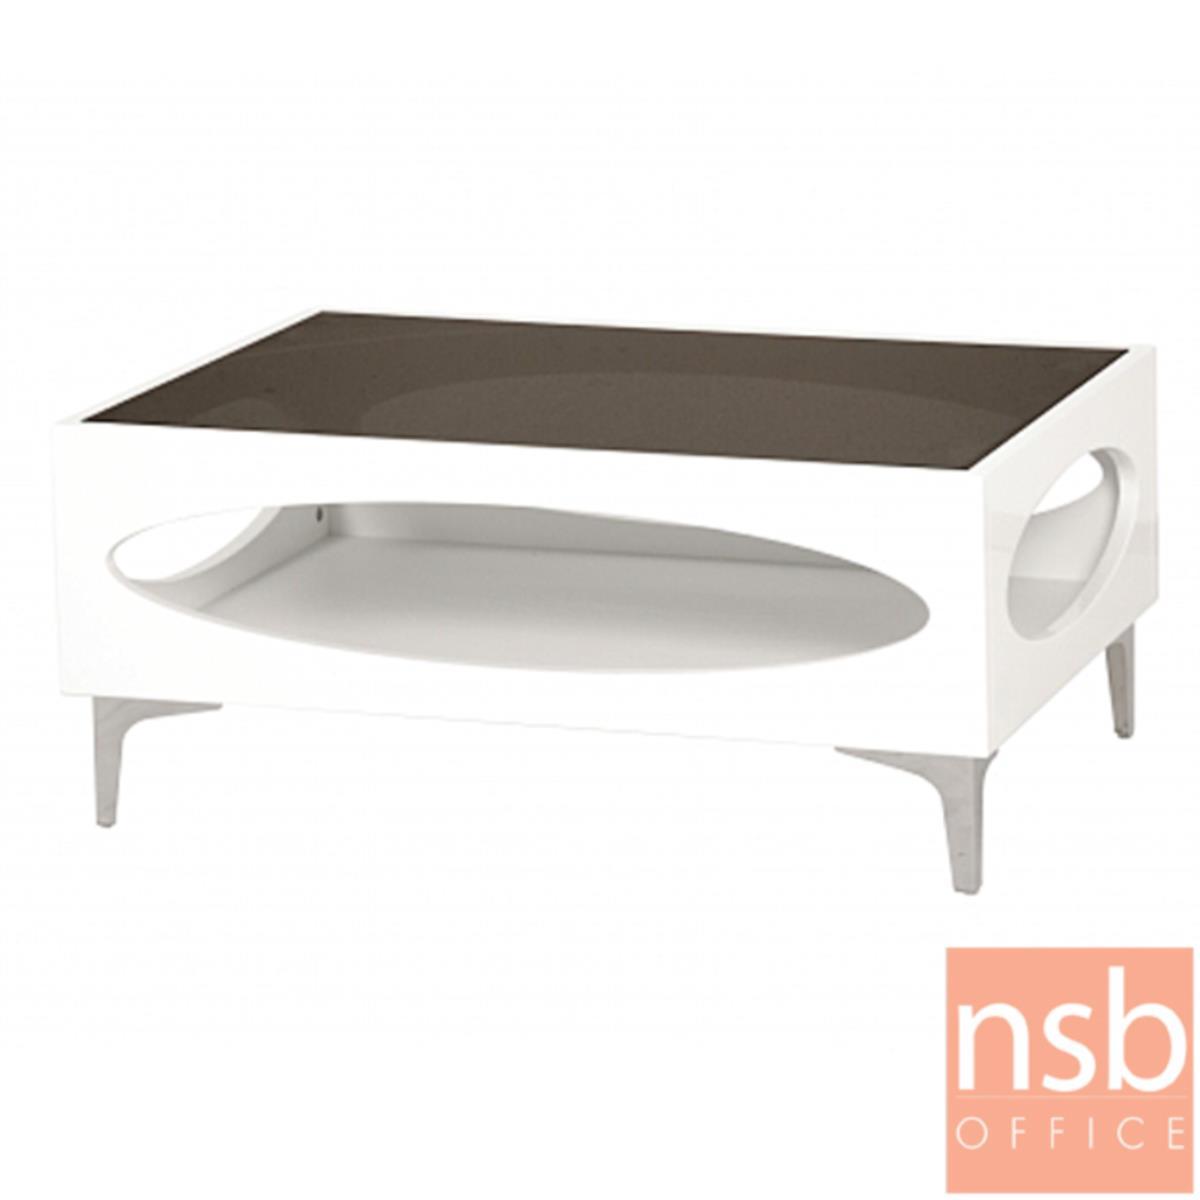 โต๊ะกลางโซฟากระจกสีชา  รุ่น GD-POK ขนาด 60W ,90W cm.  โครงไม้พ่นสีขาว ขาเหล็กชุบโครเมี่ยม